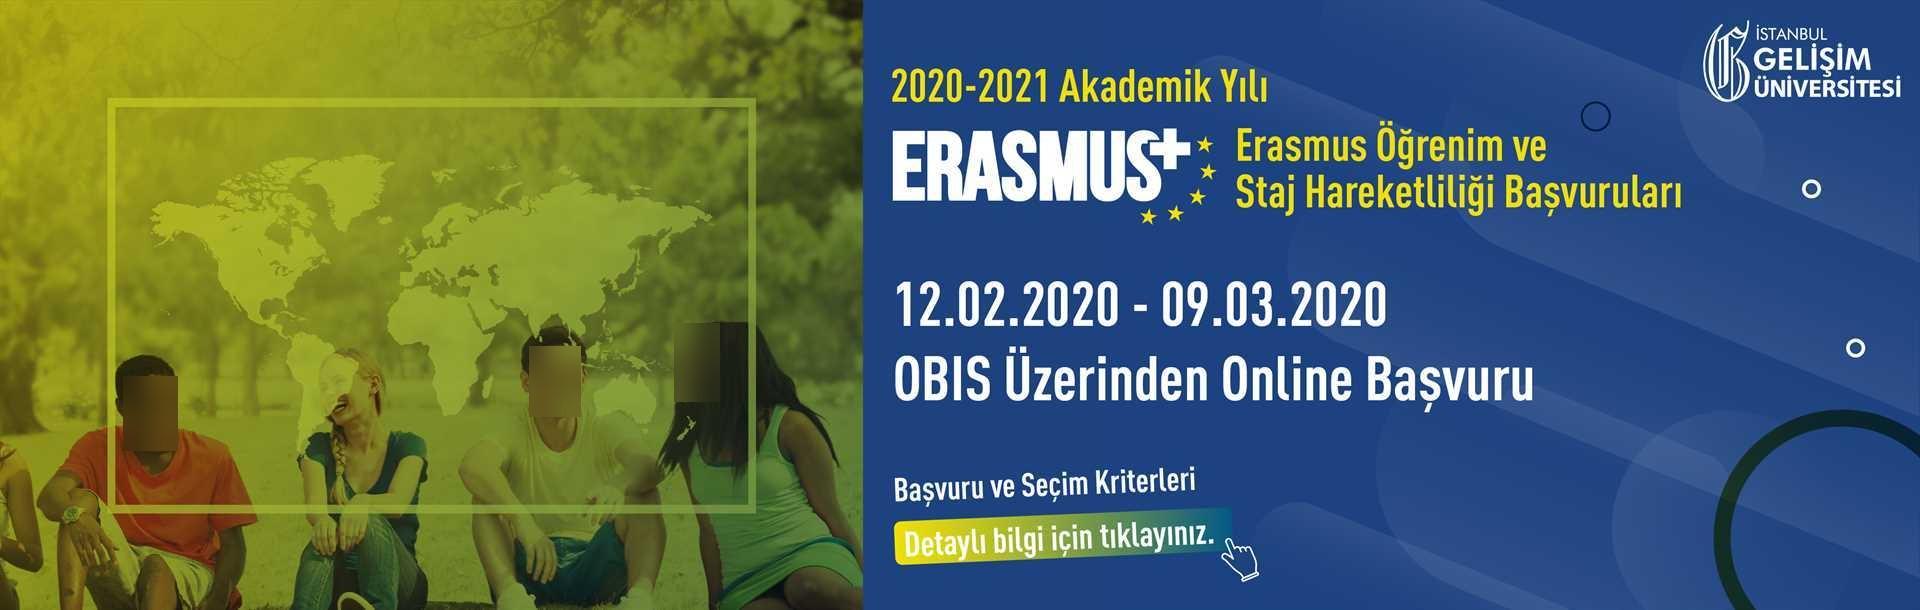 2020-2021 Akademik Yılı Erasmus+ Öğrenim ve Staj Hareketliliği Başvuruları